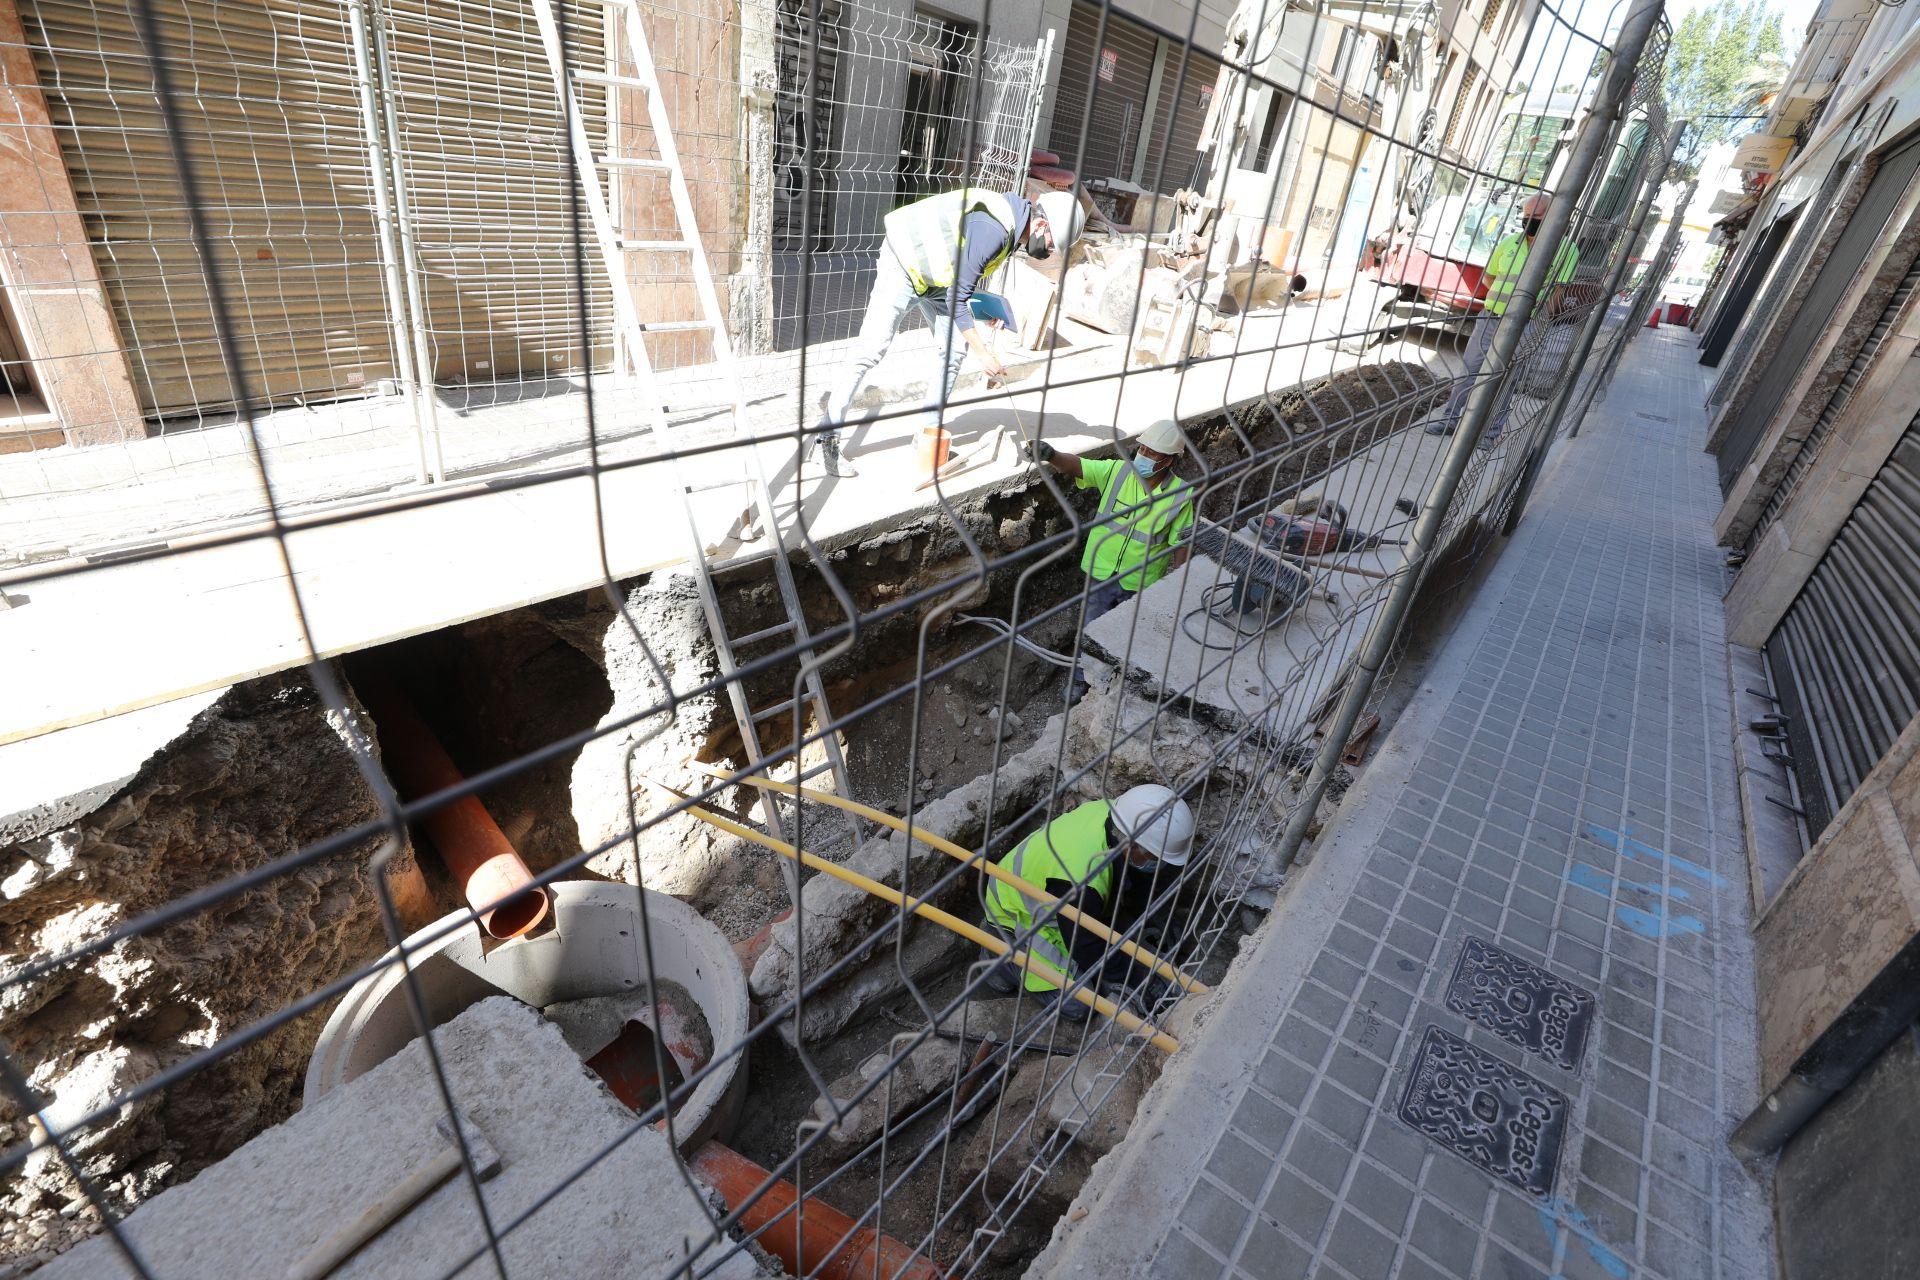 Las obras en las calles Nuestra Señora de la Cabeza, Fatxo o Uberna forman parte del Plan Centro para peatonalizar el casco histórico y dotarlo de nuevos accesos.